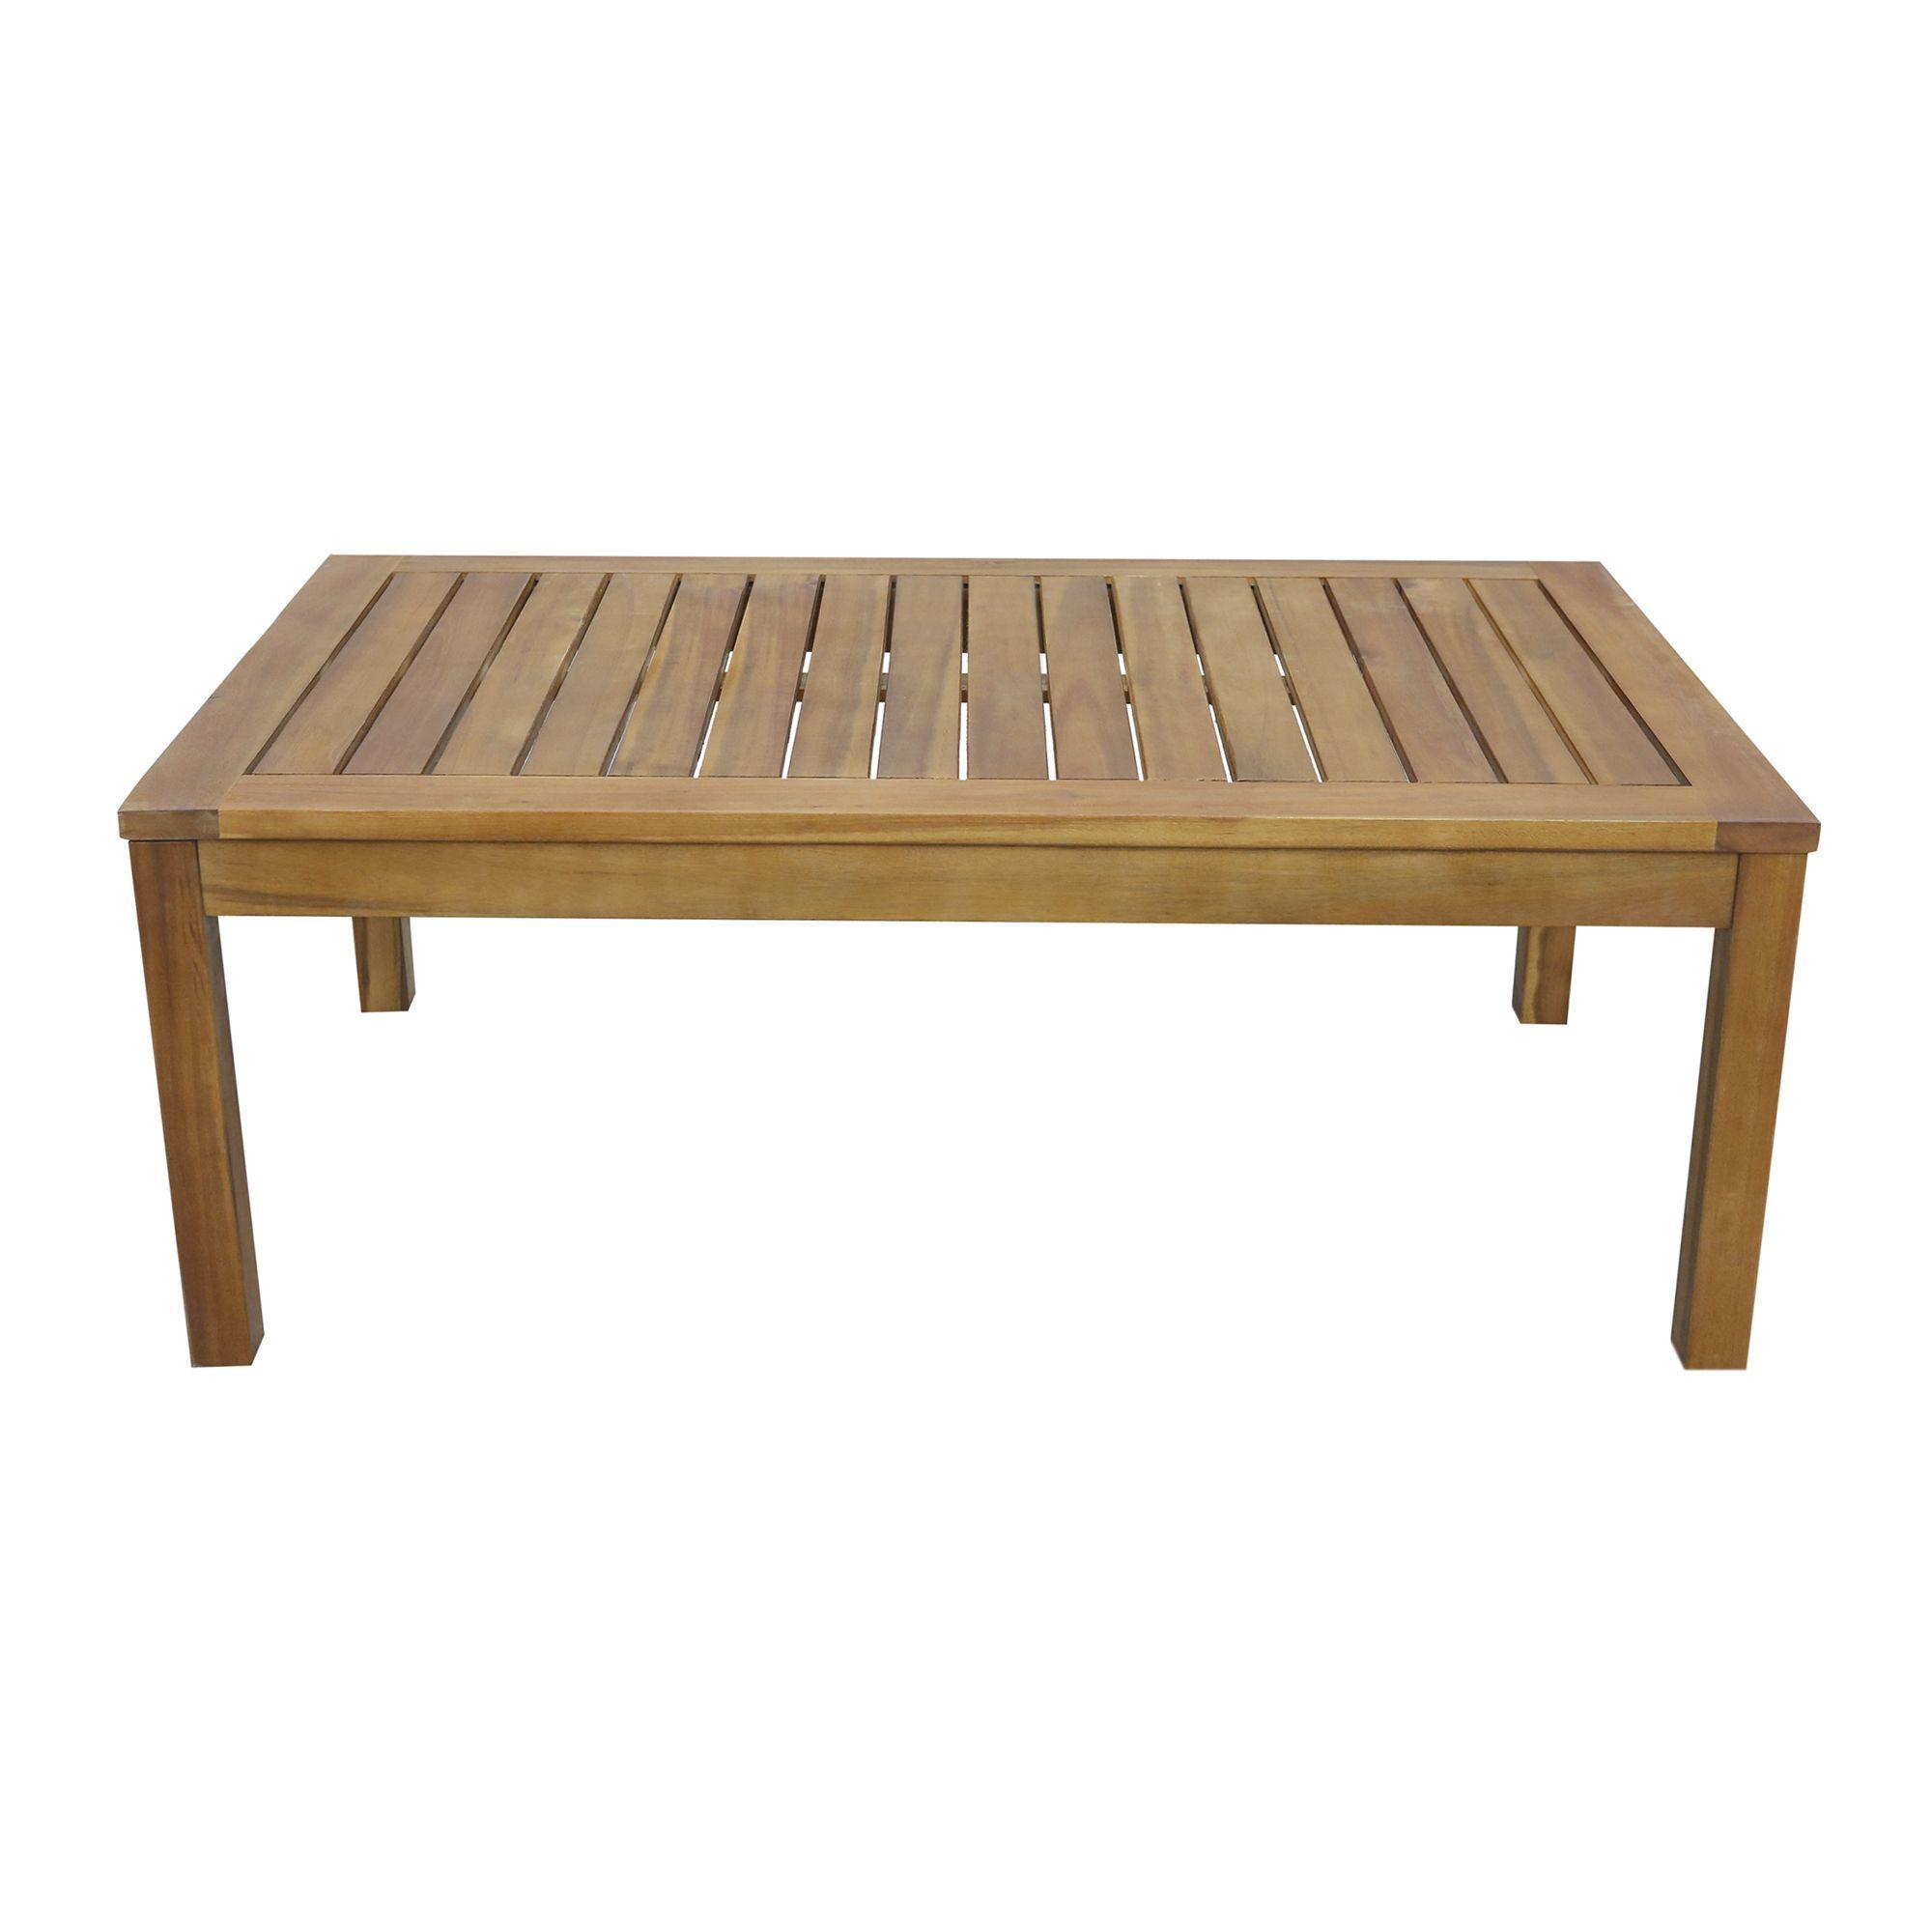 Table Basse De Jardin Rectangulaire Naturel Cocoon Les